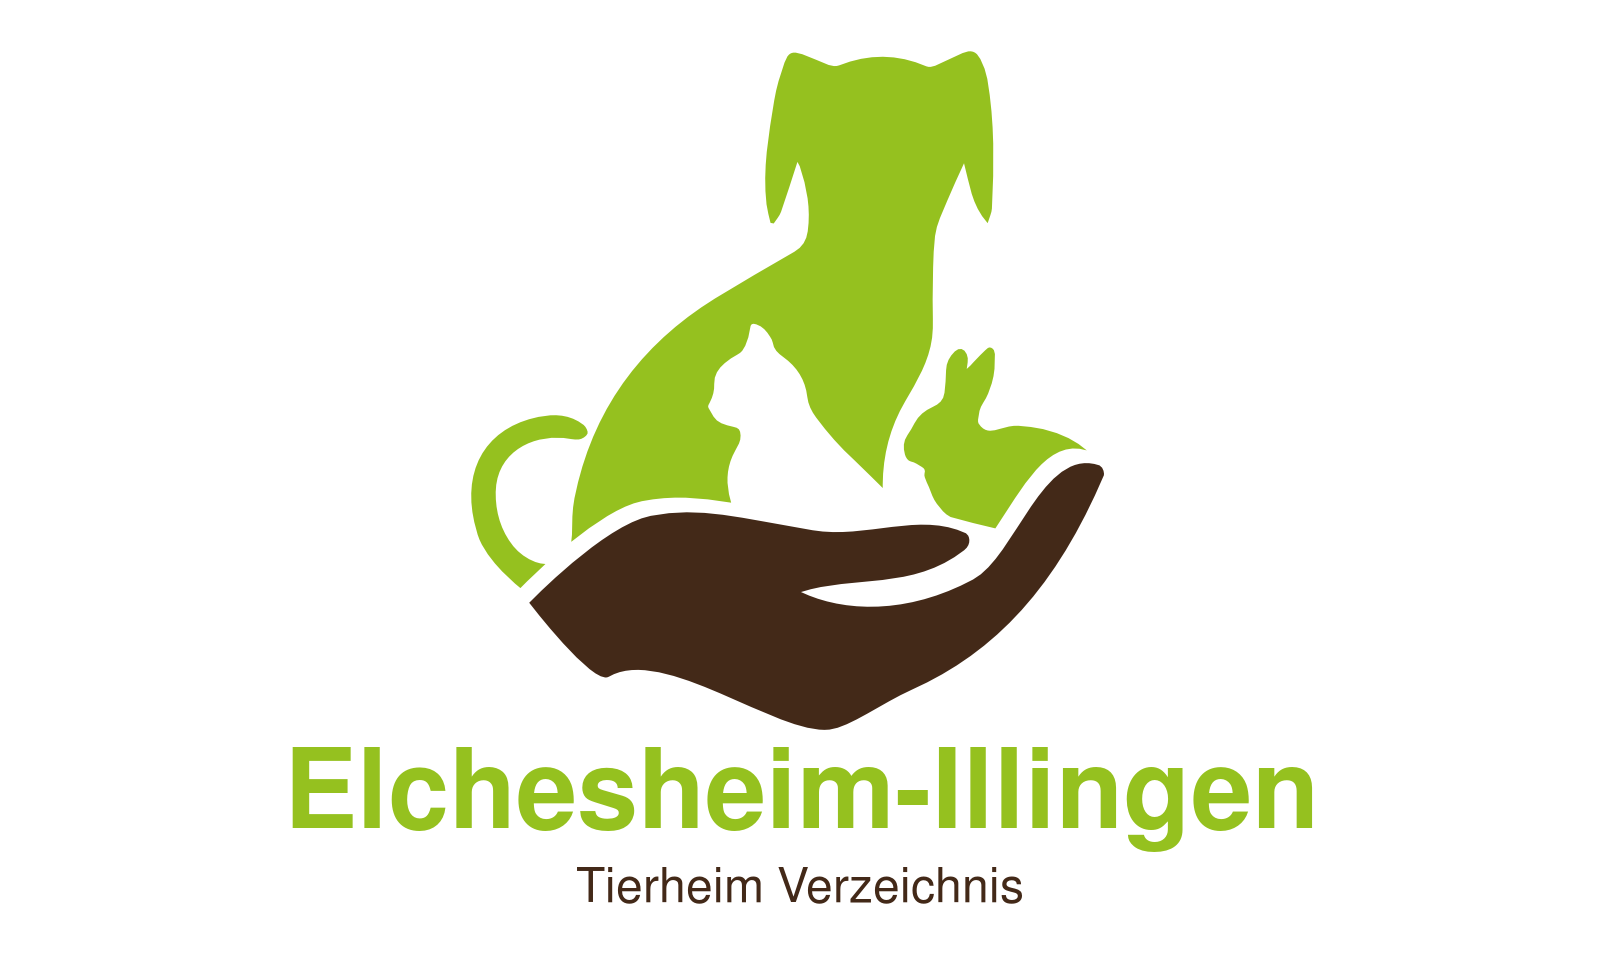 Tierheim Elchesheim-Illingen